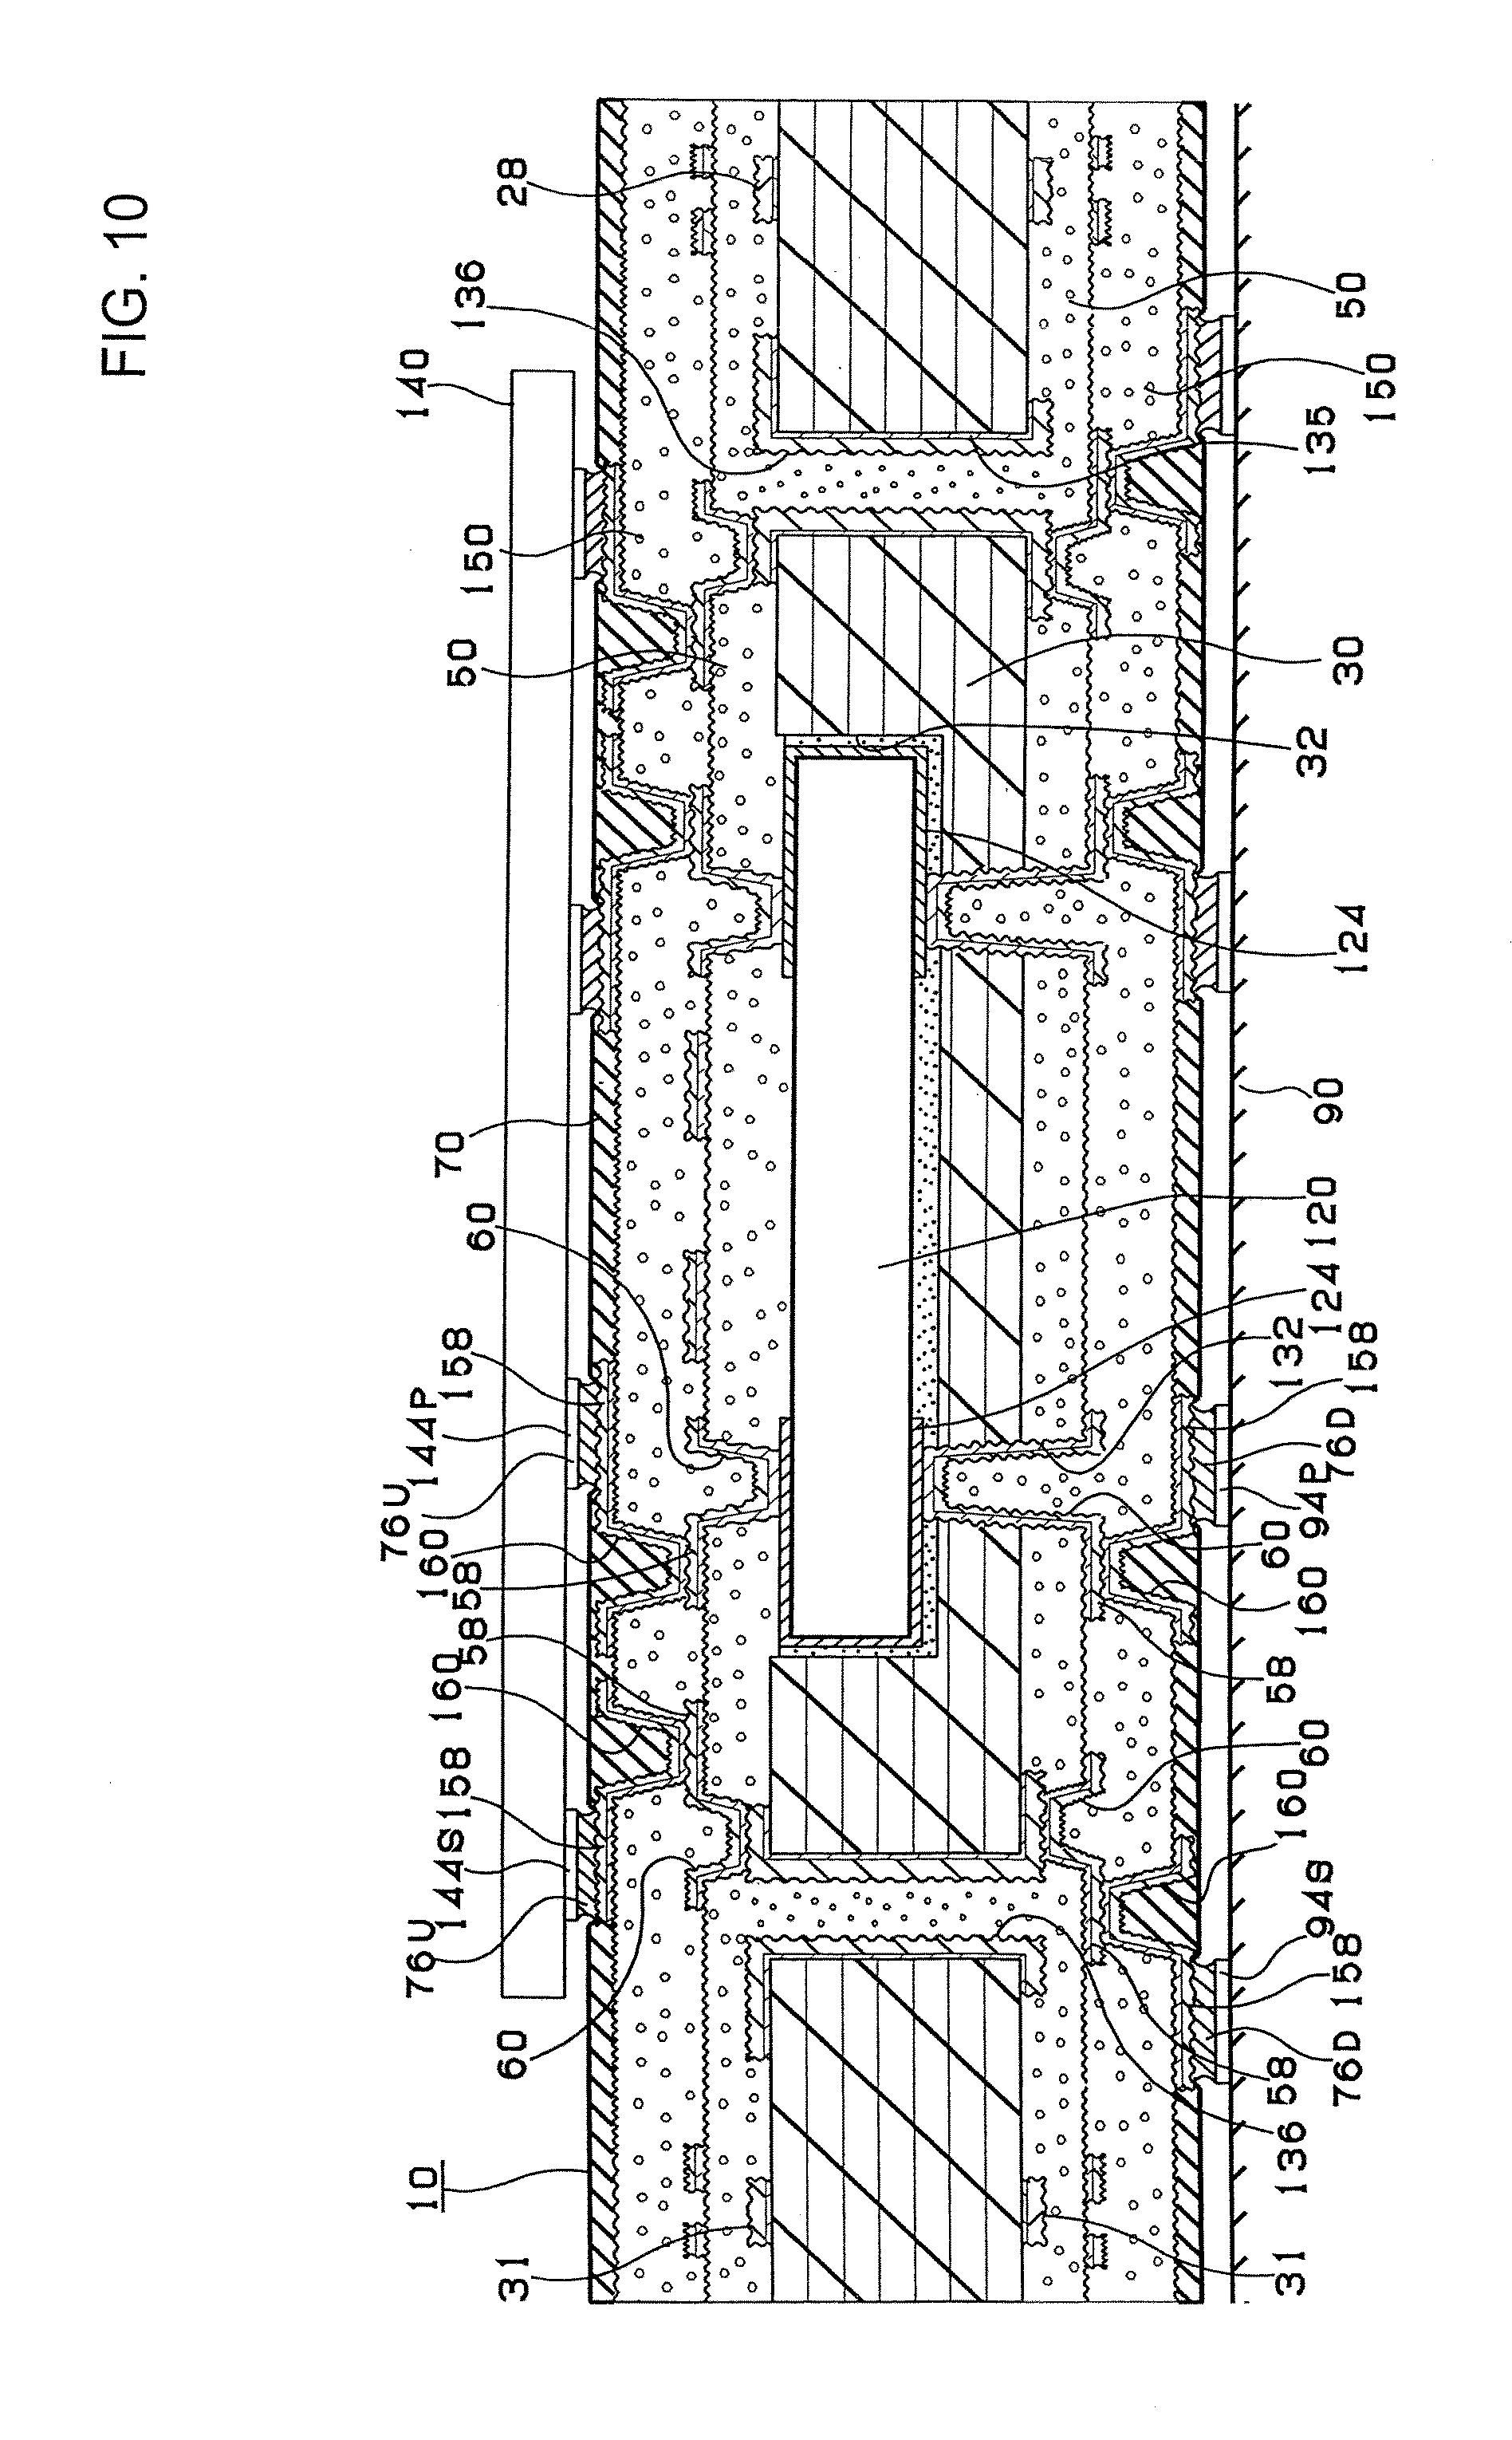 patent us20120170240